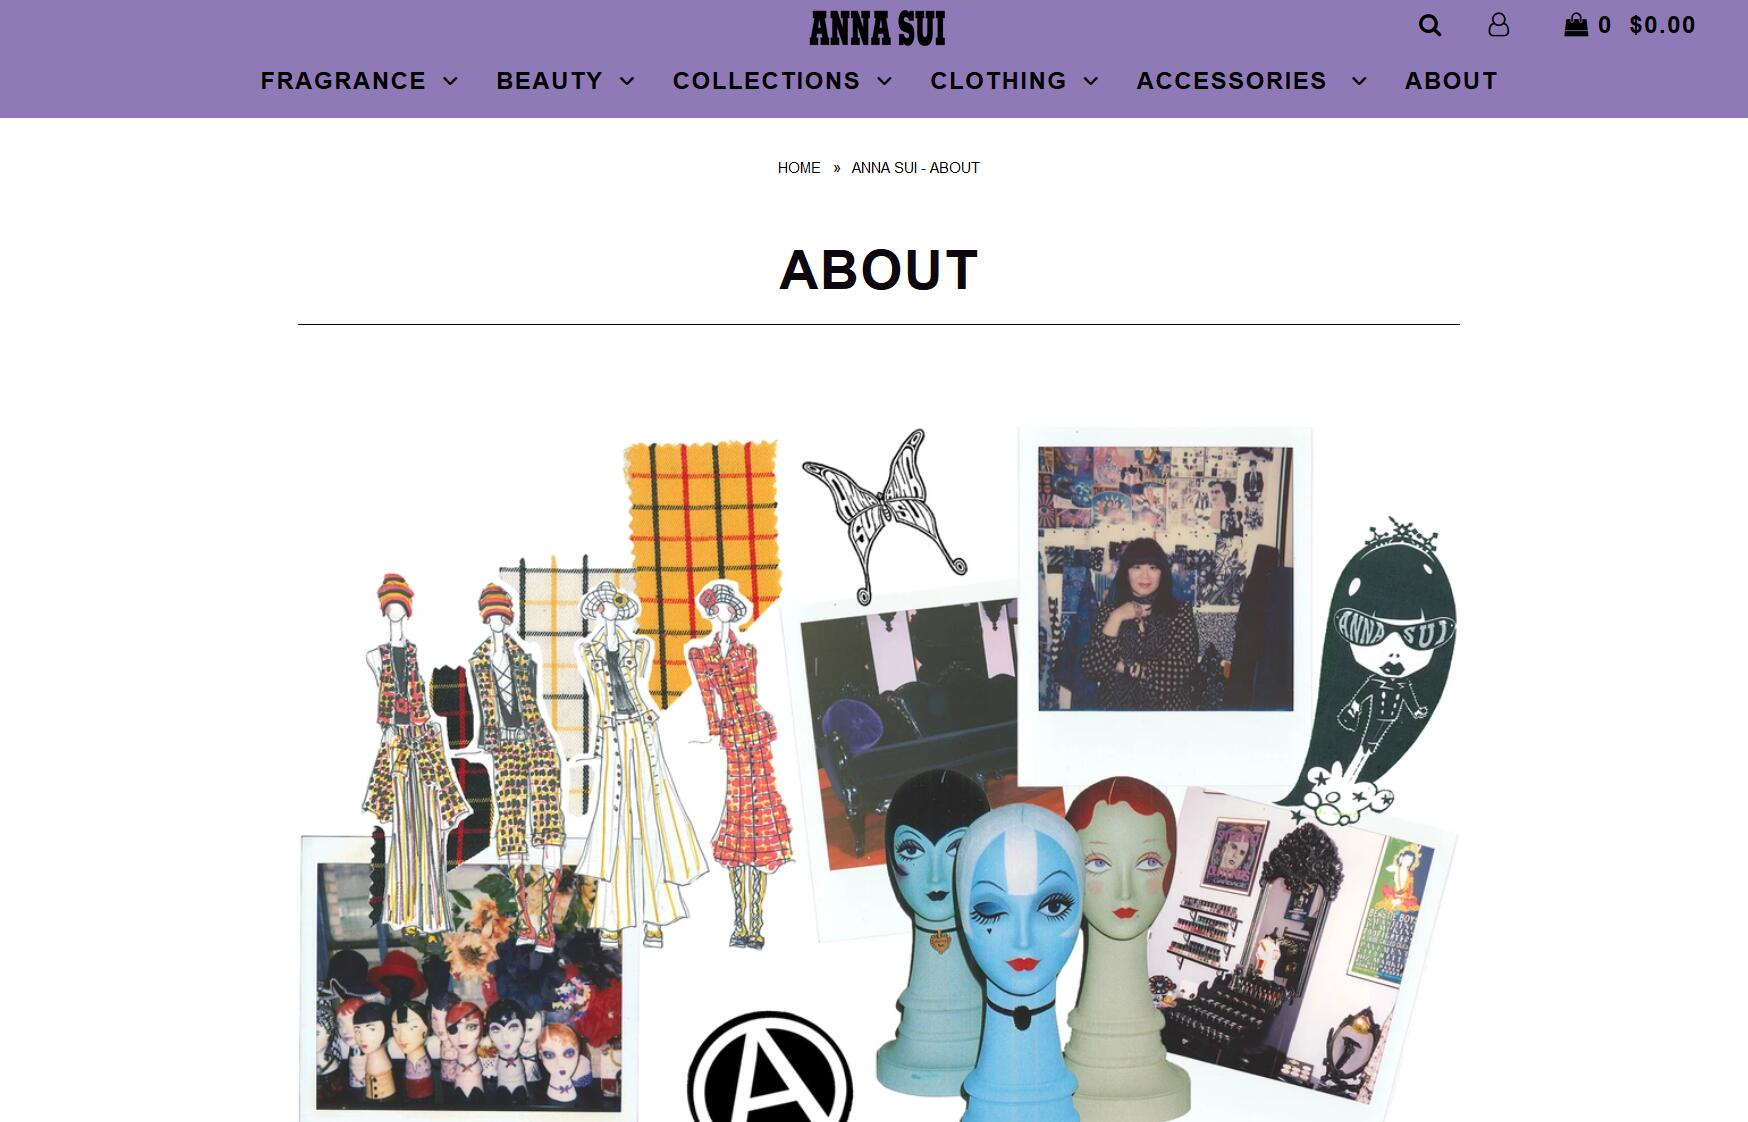 日本三越伊势丹百货结束与Anna Sui品牌长达25年的授权合作,将关闭12家品牌门店